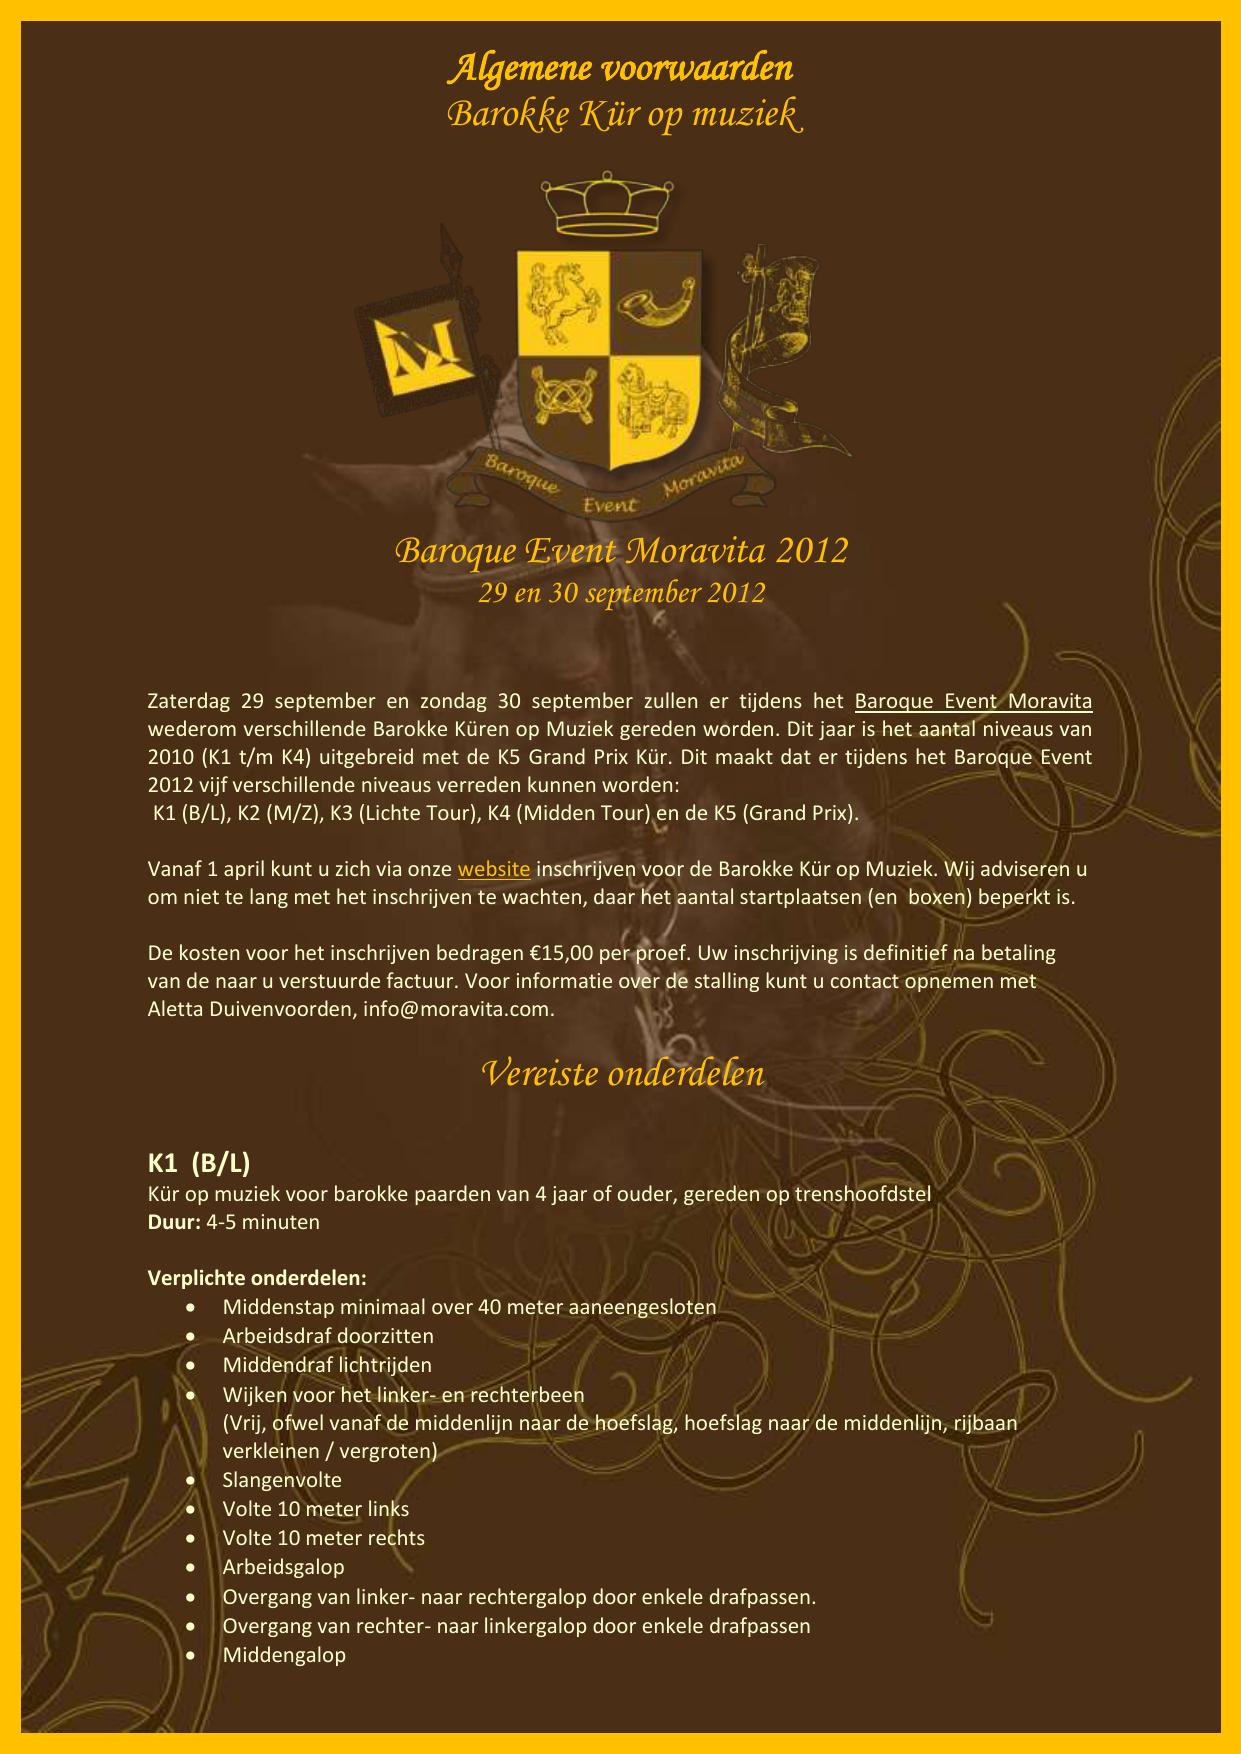 Algemene voorwaarden - Baroque Event Moravita 2012